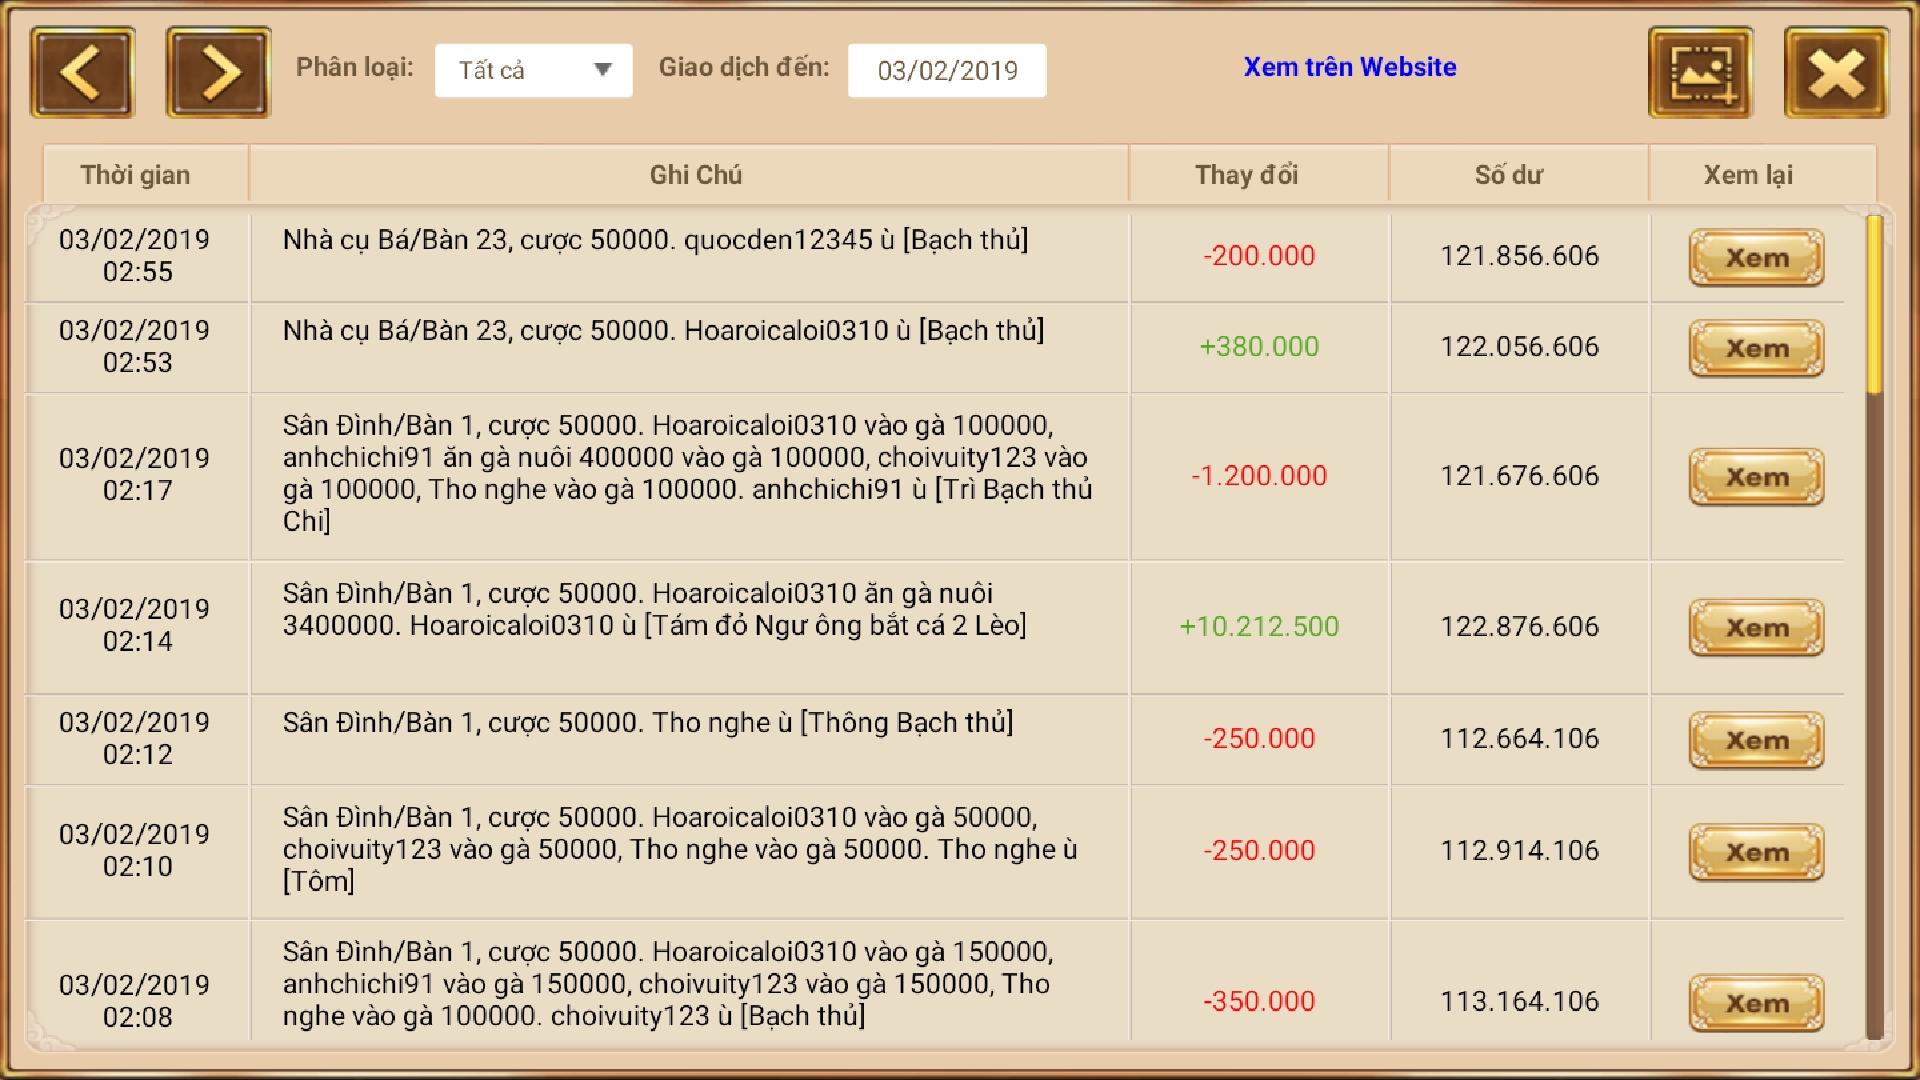 Screenshot_20190203-195228_Chn Dn Gian.